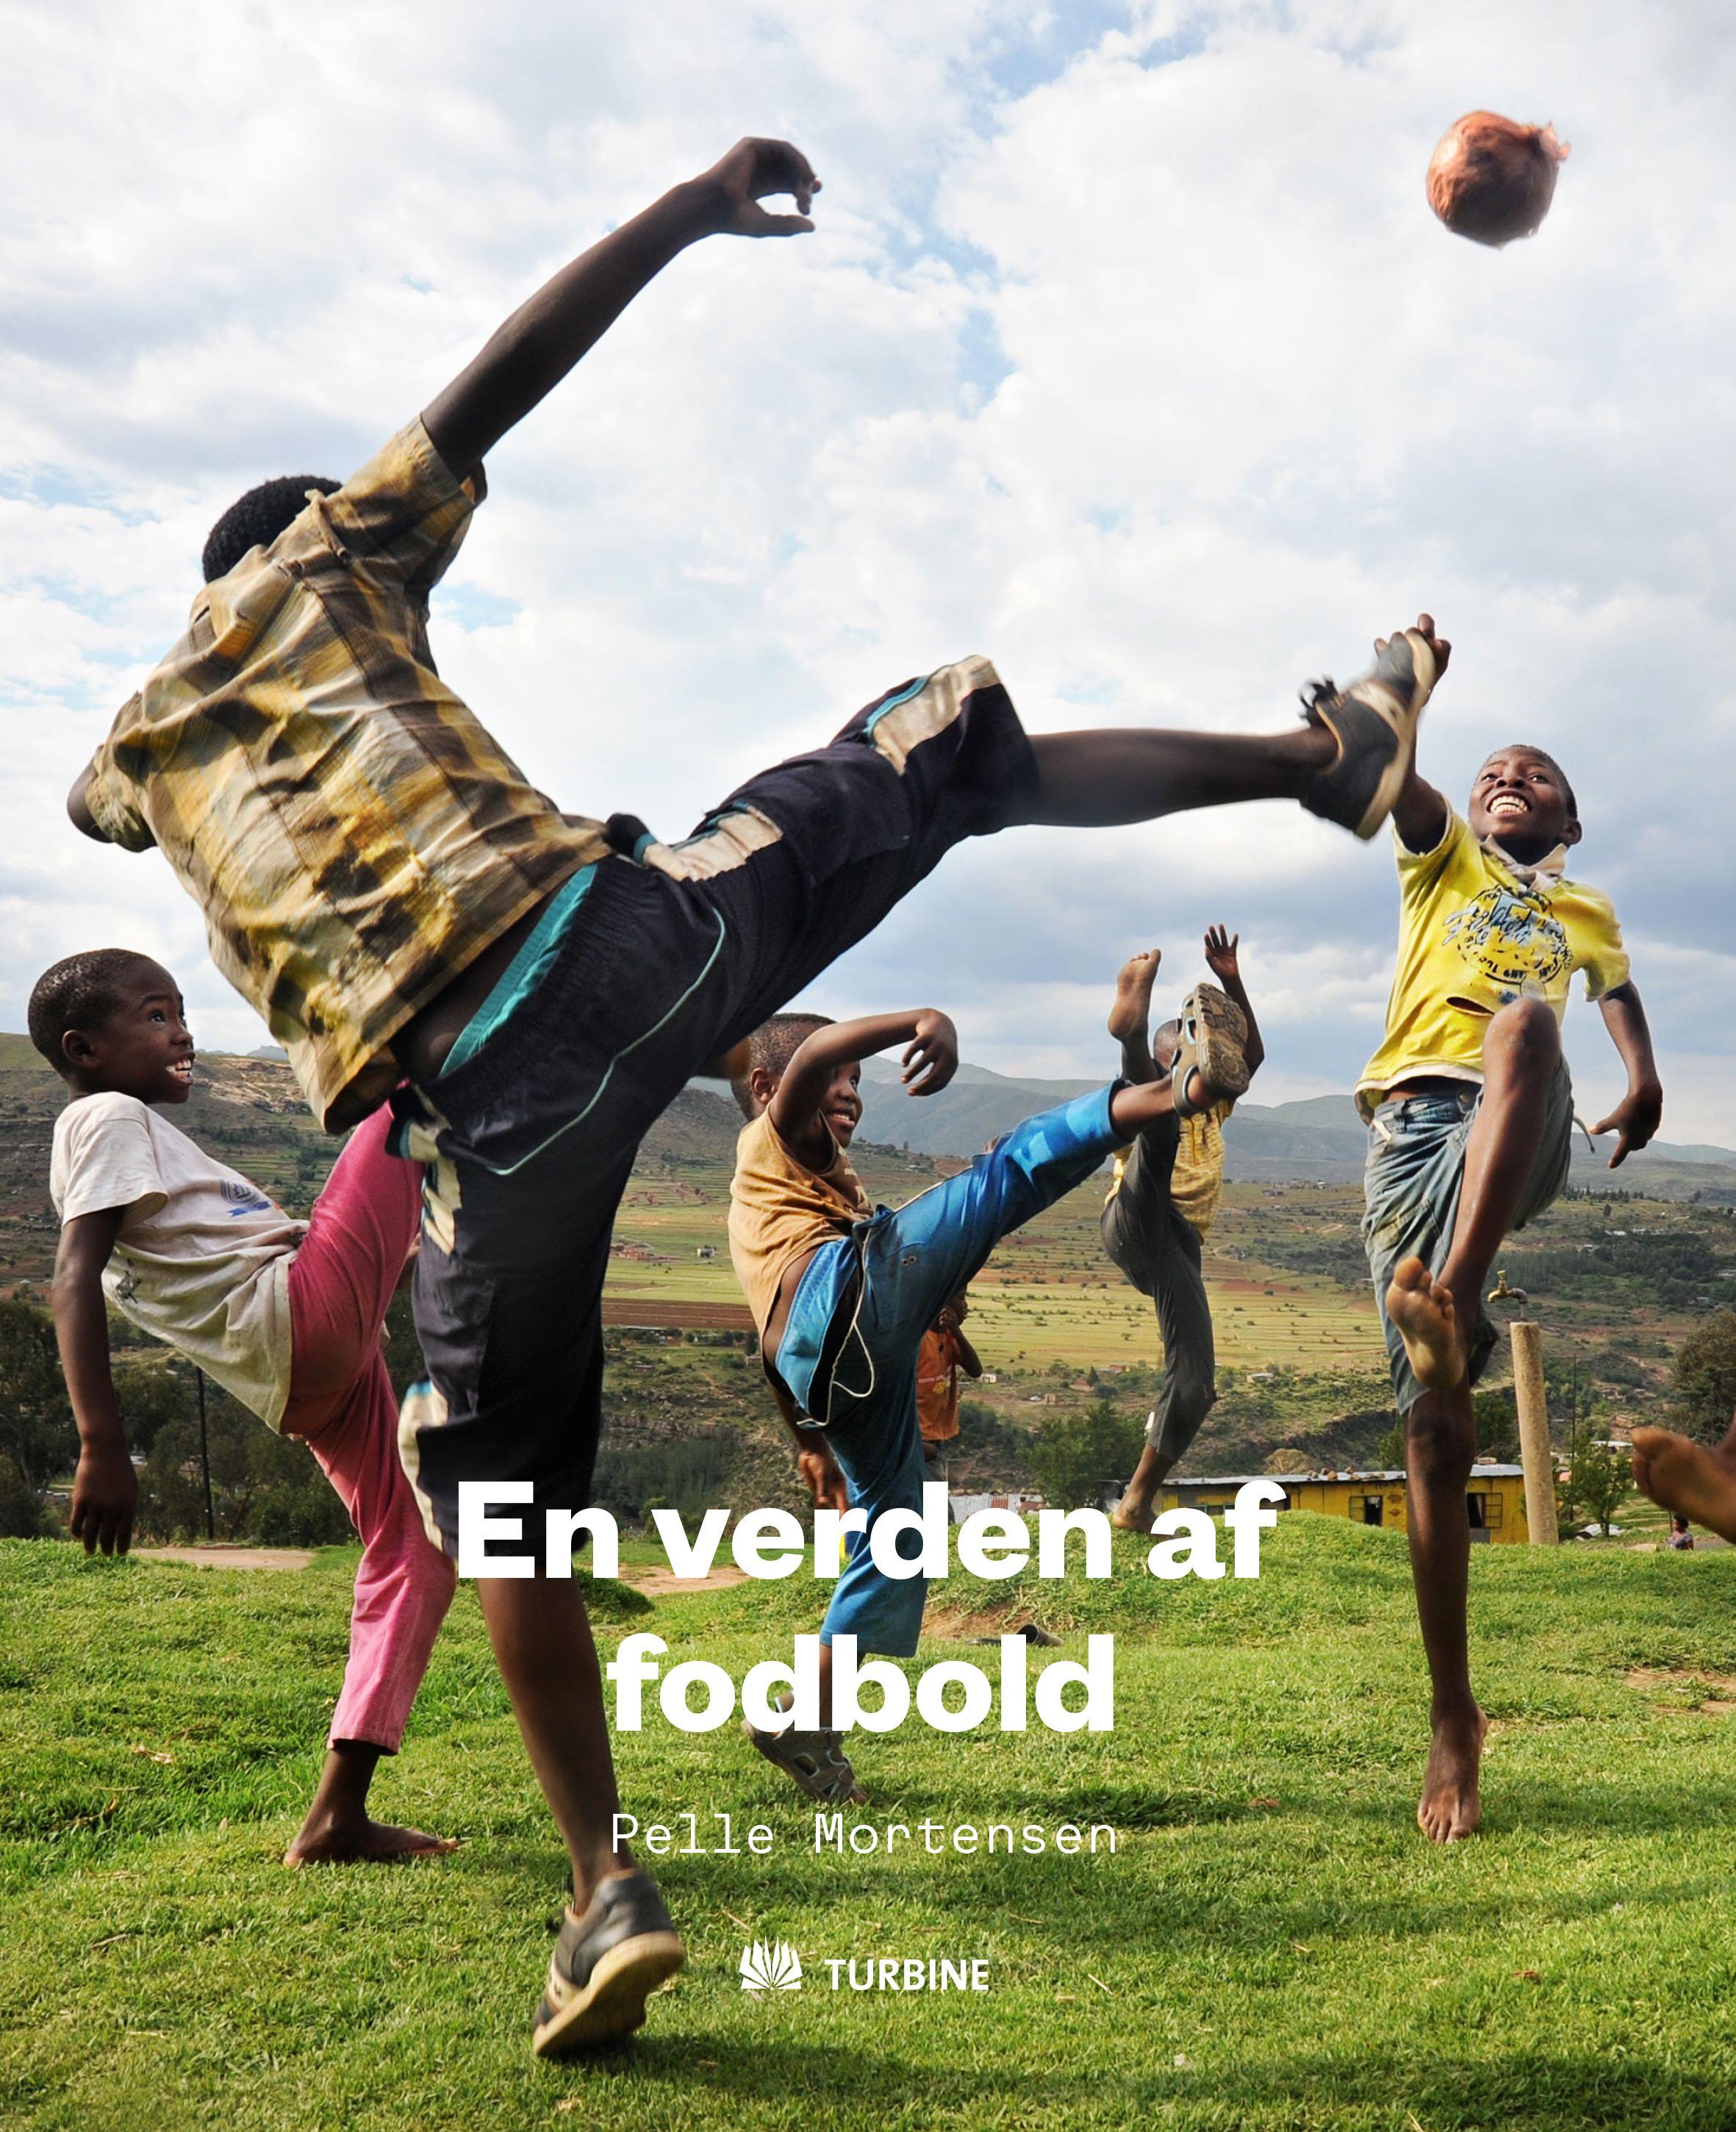 En verden af fodbold